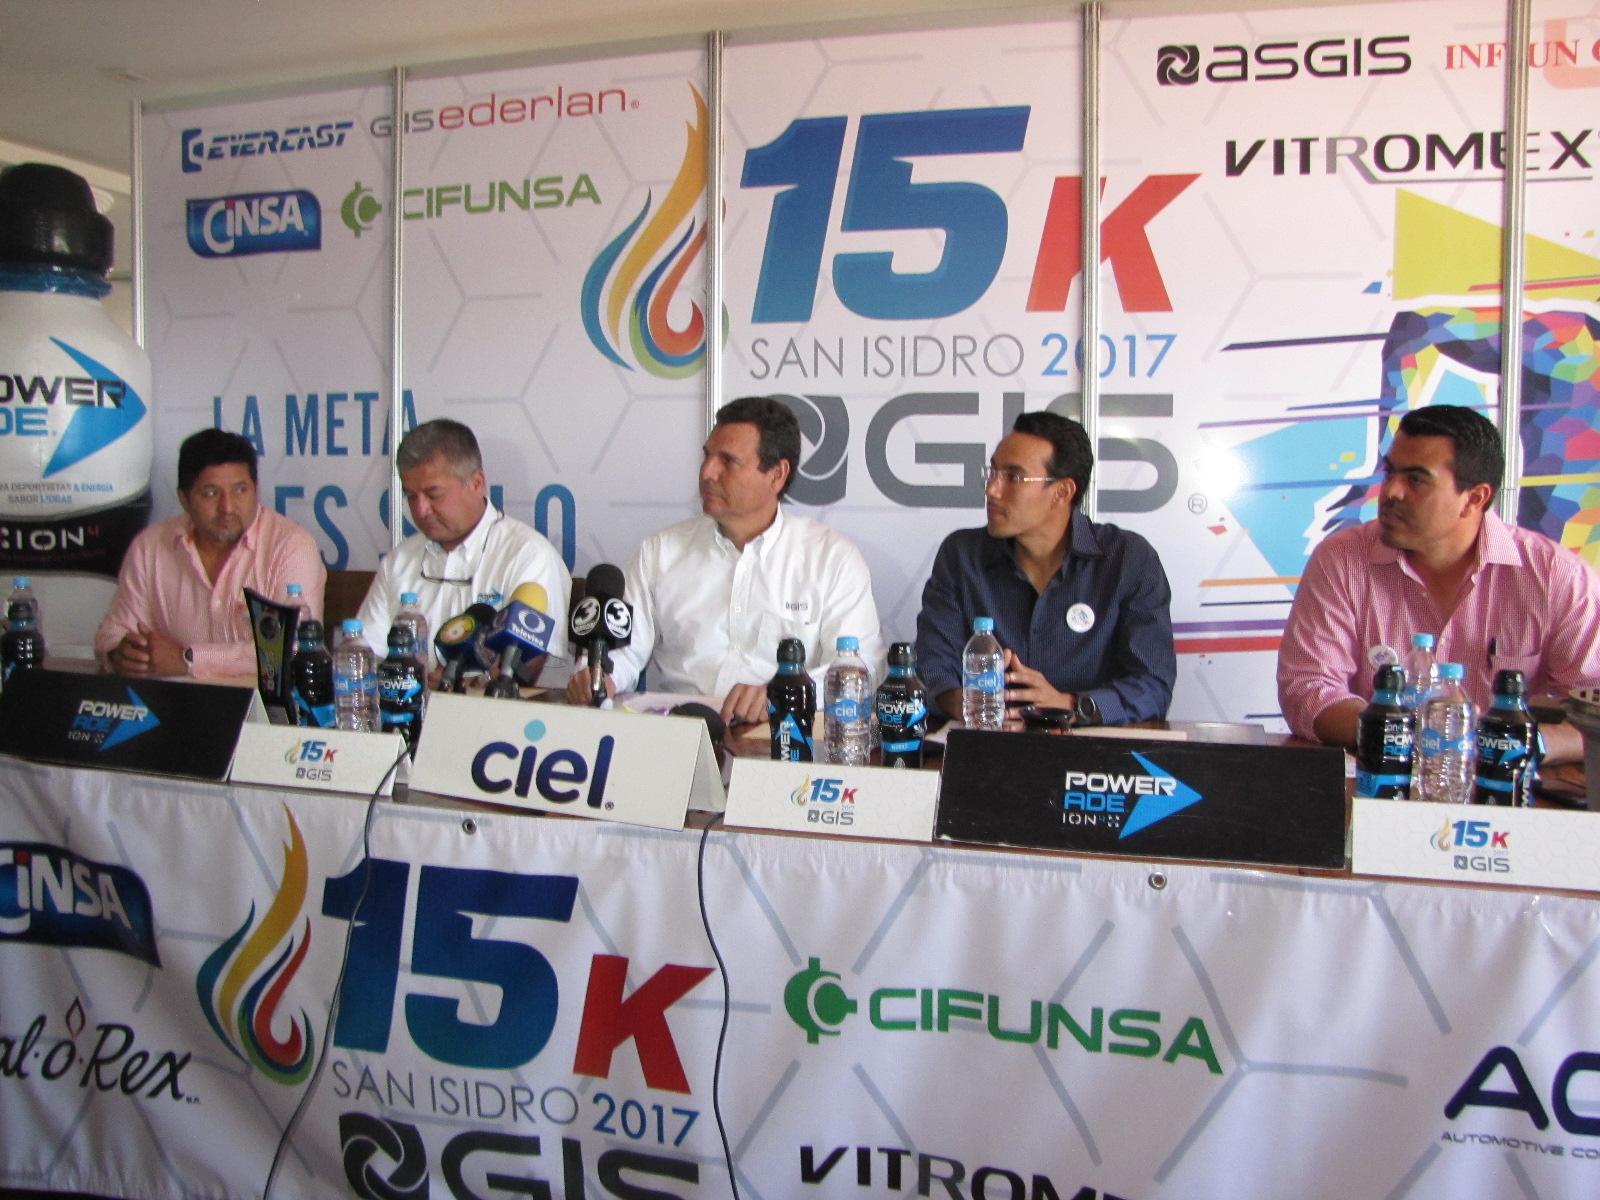 El Heraldo de Saltillo – Presentan carrera 15 K San Isidro del Grupo ...